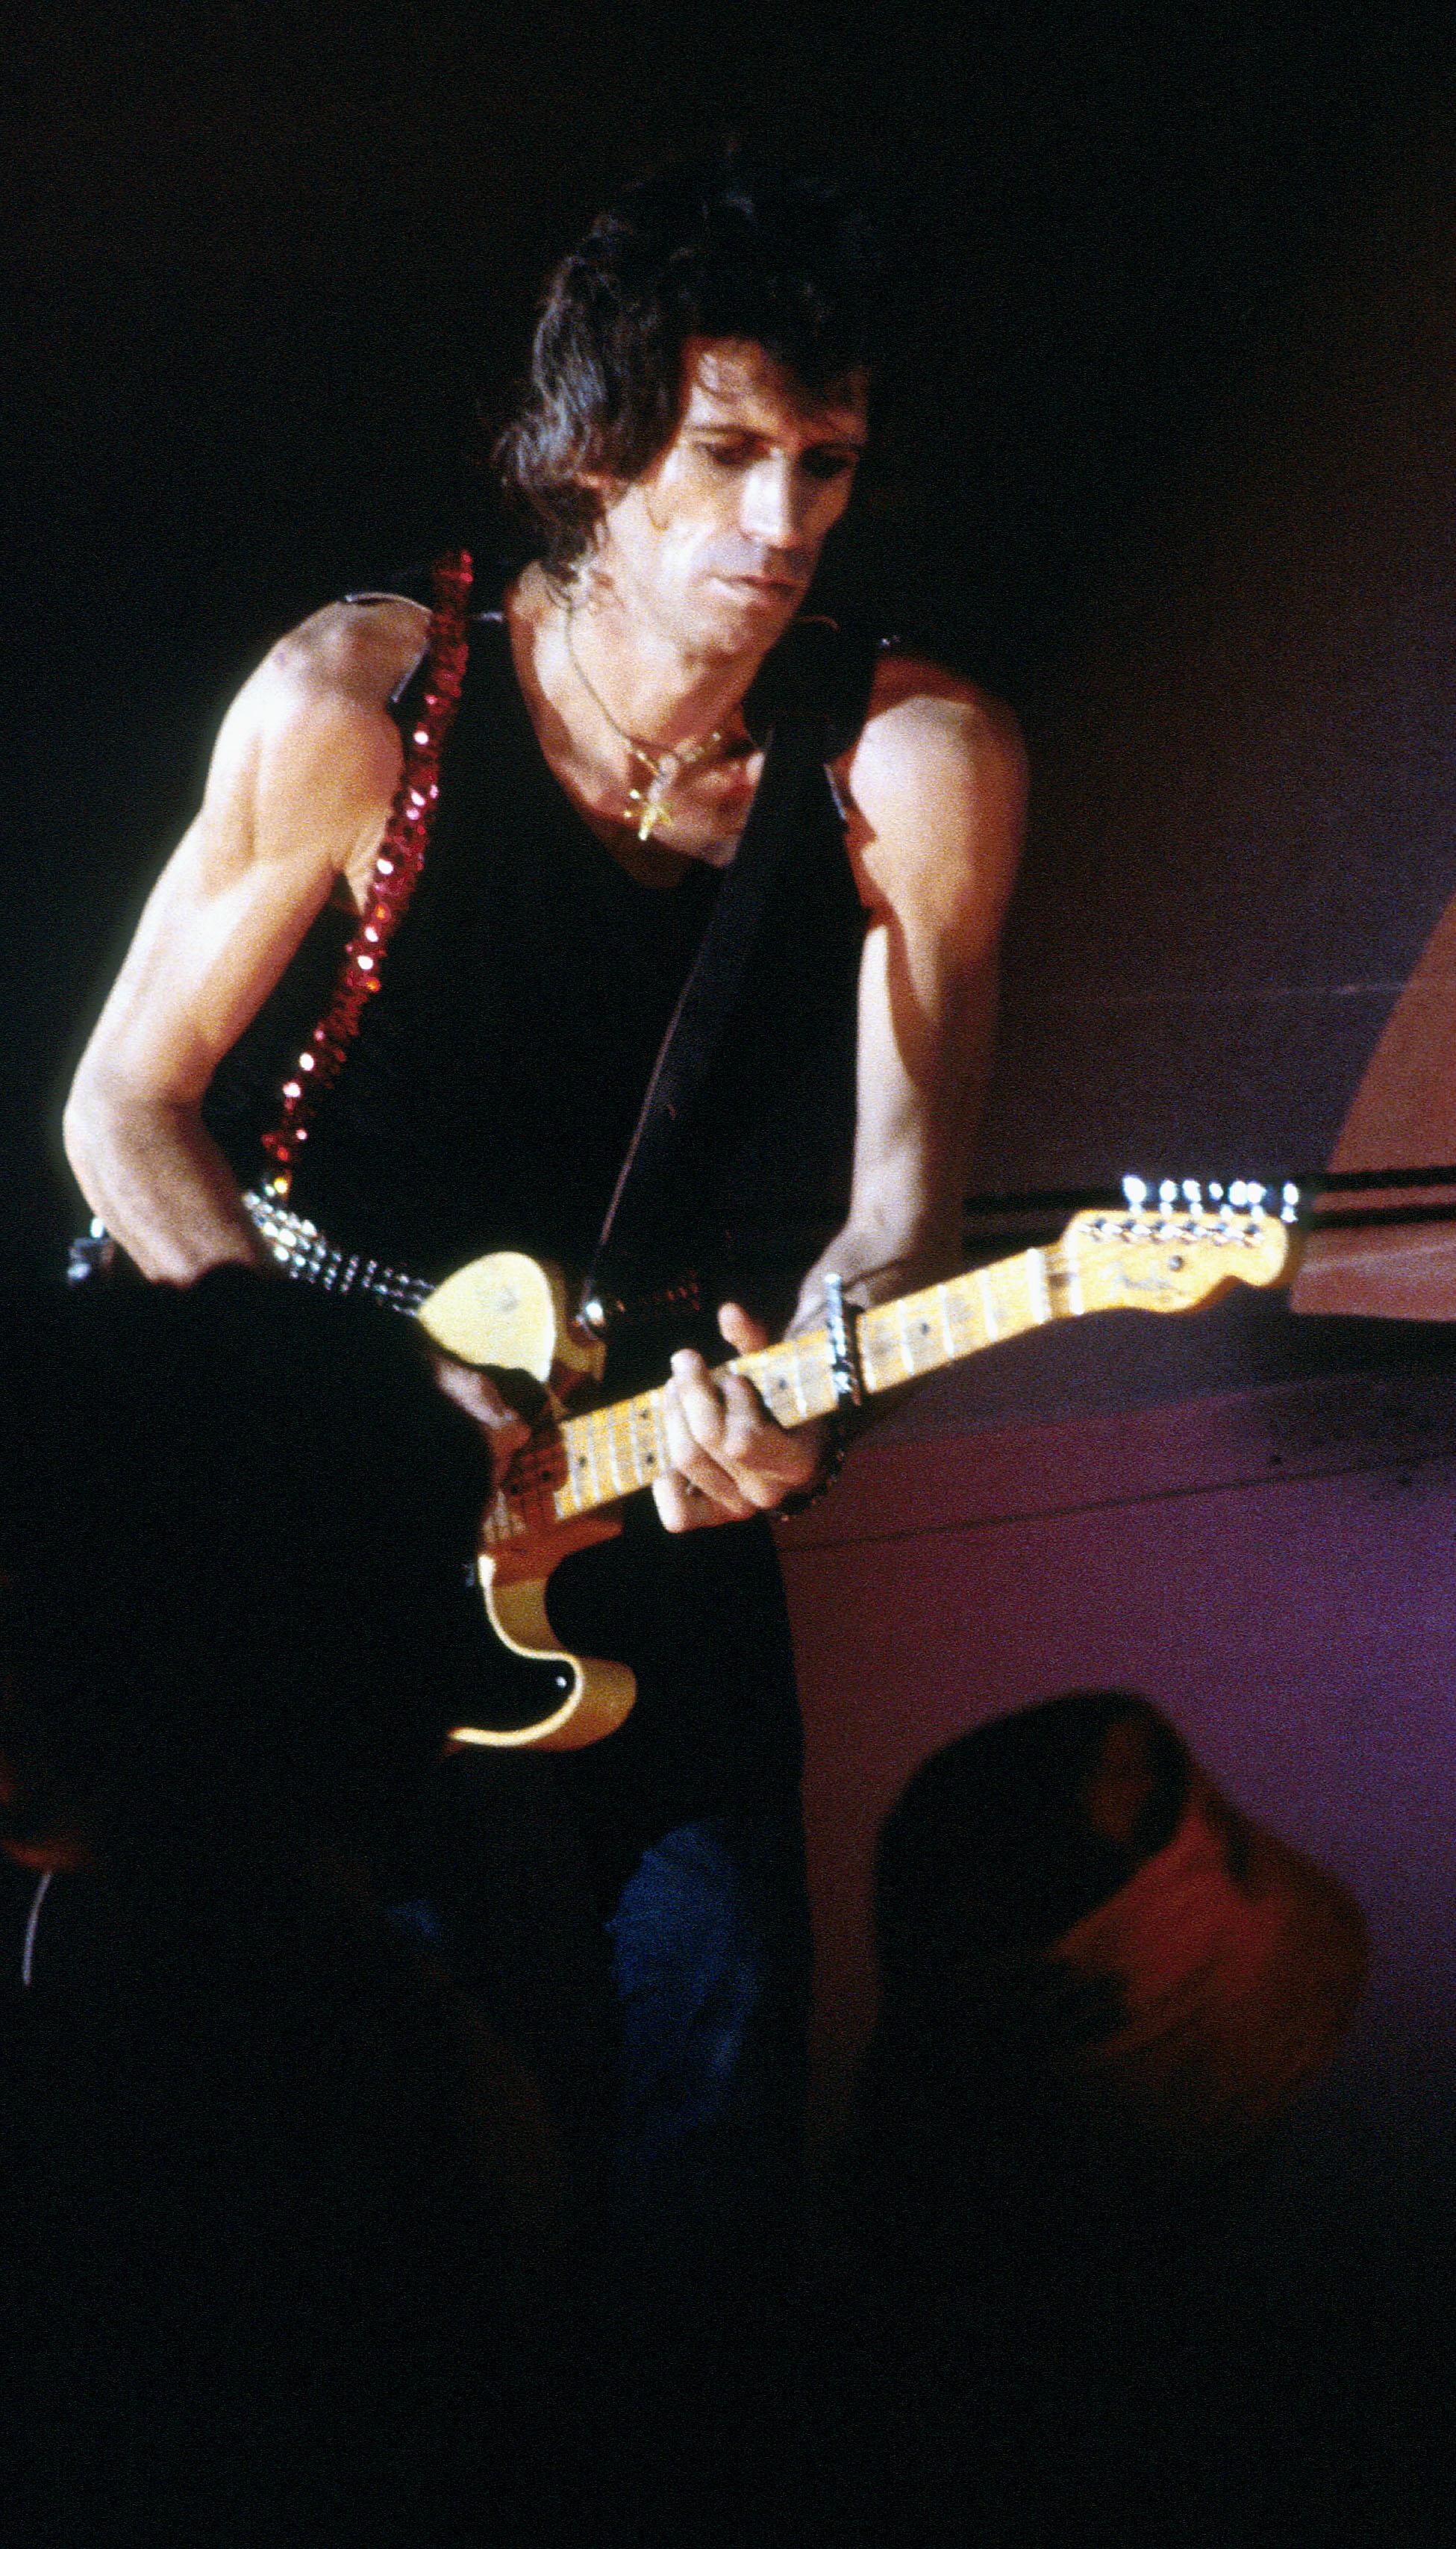 Keith Richards con su guitarra fender telecaster